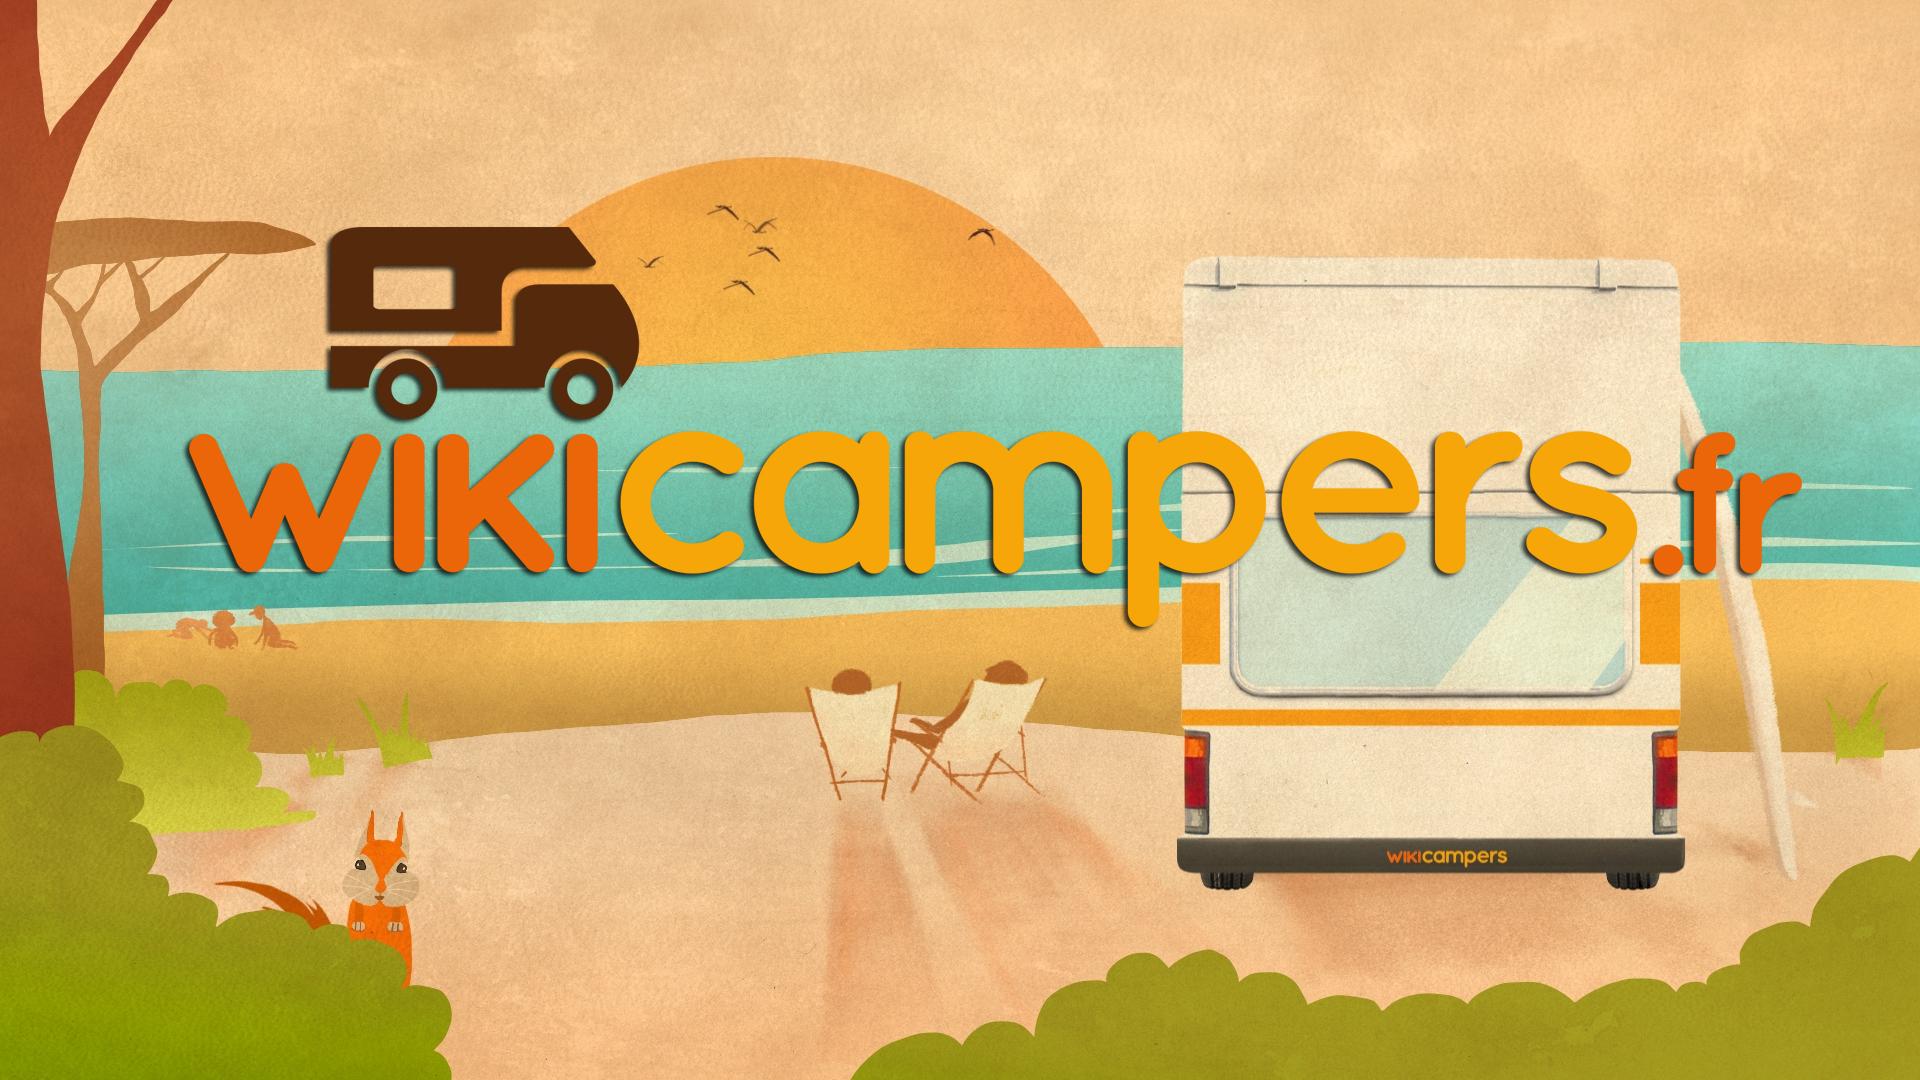 Découvrez Wikicampers en vidéo